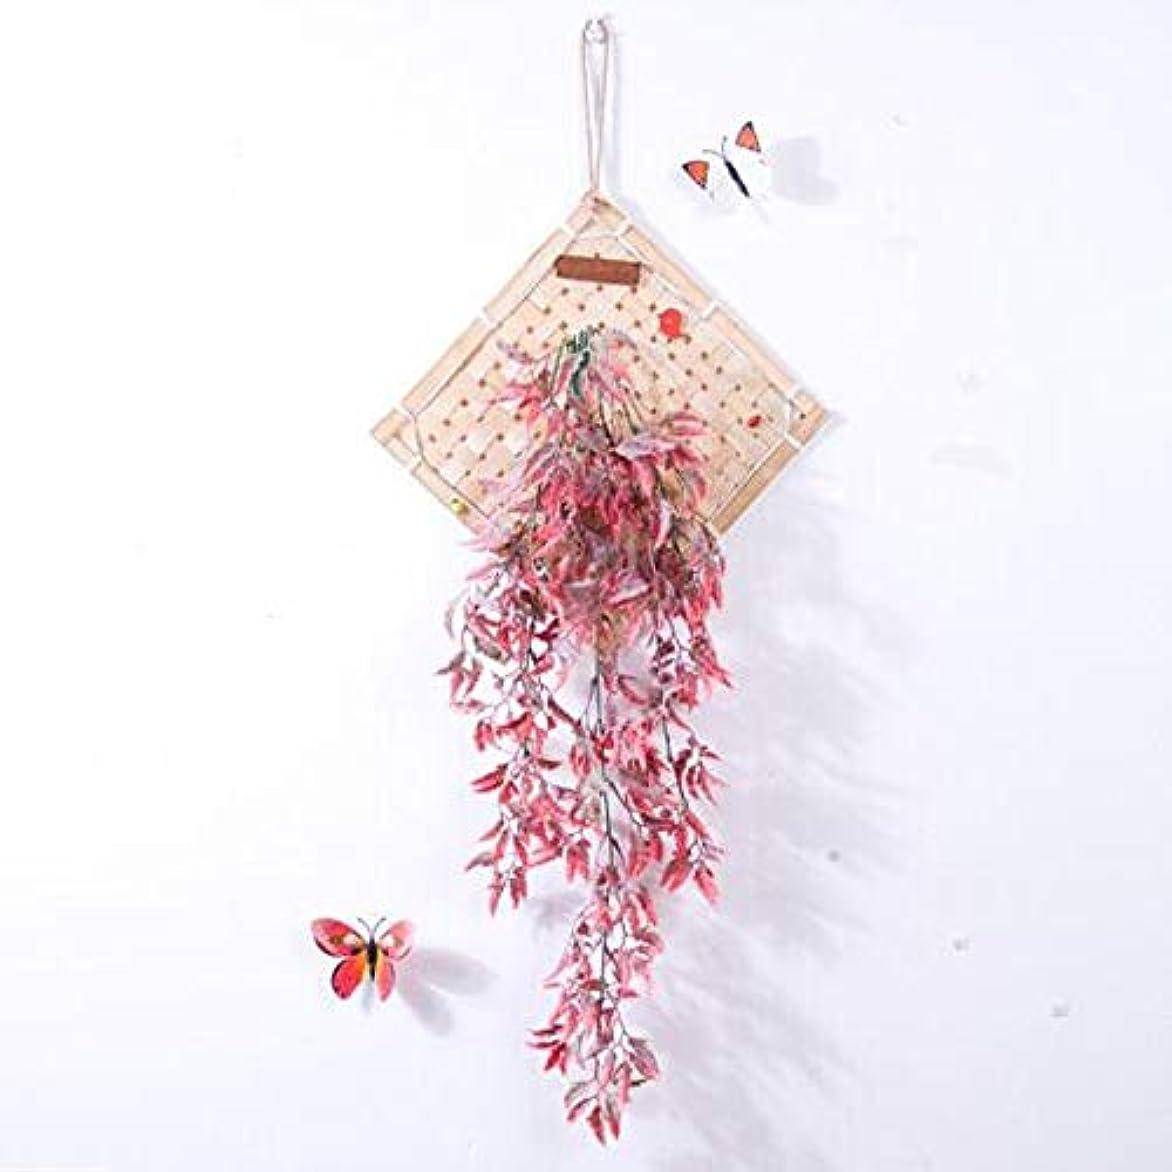 発疹皮麺Aishanghuayi 風チャイム、クリエイティブ?竹ホームデコレーション風チャイム、パープル、幅38.5CM,ファッションオーナメント (Color : Pink)